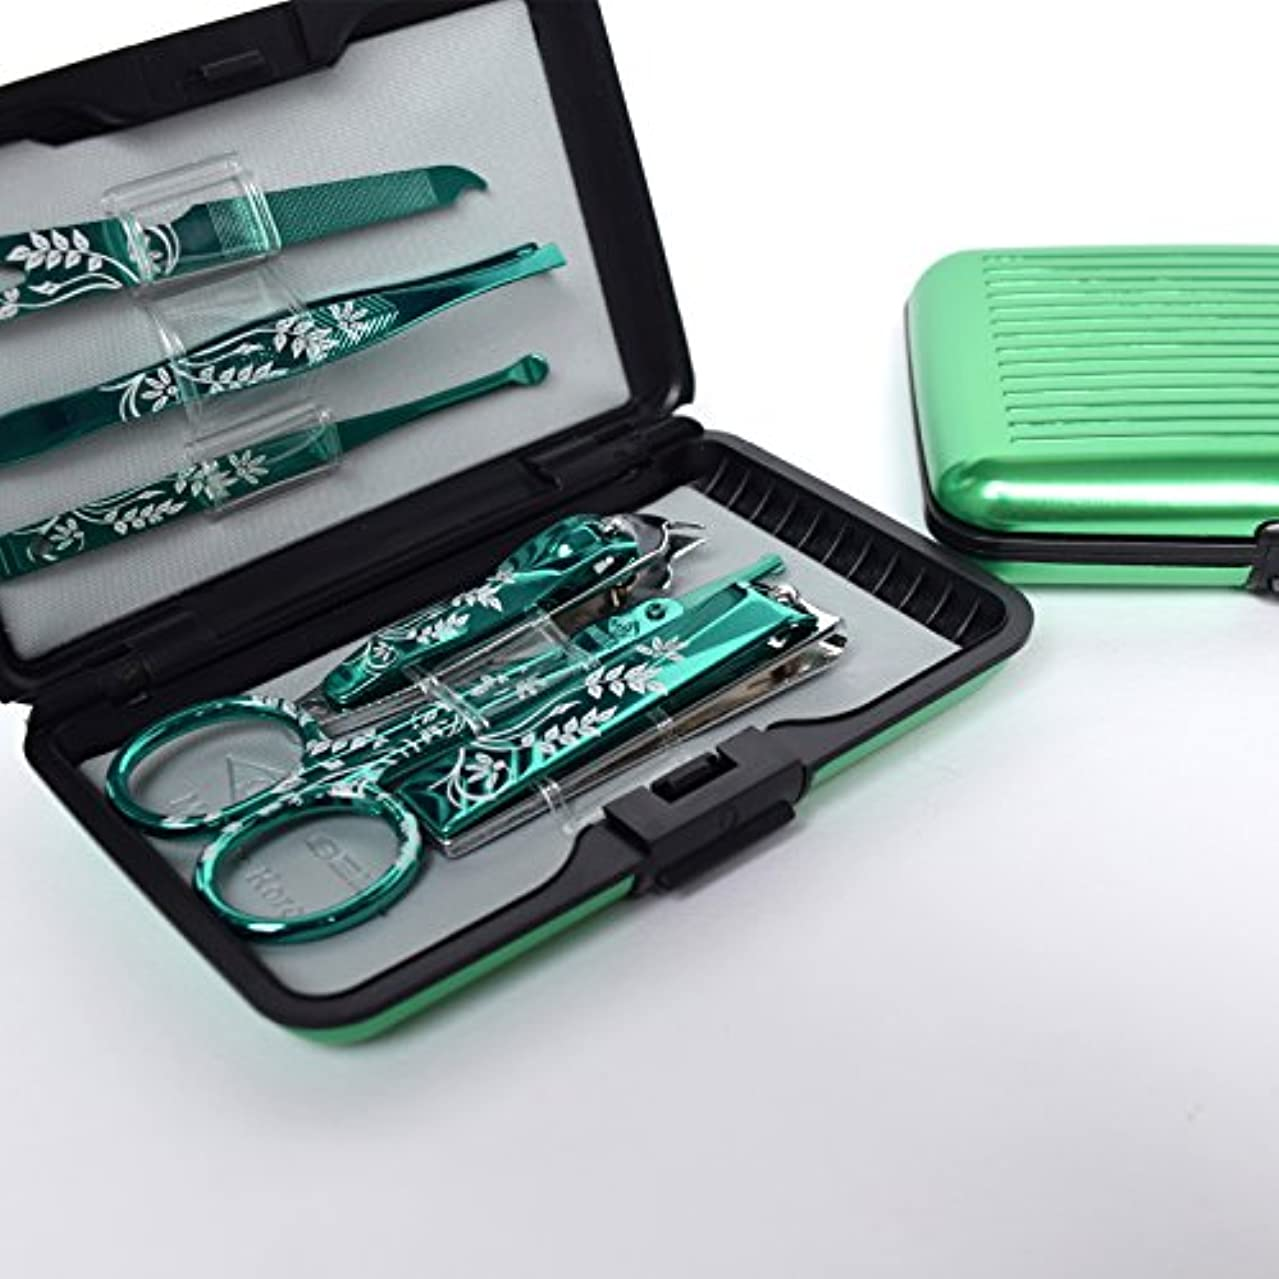 タッチ料理平和BELL Manicure Sets BM-800A ポータブル爪の管理セット 爪切りセット 高品質のネイルケアセット花モチーフのイラストデザイン Portable Nail Clippers Nail Care Set